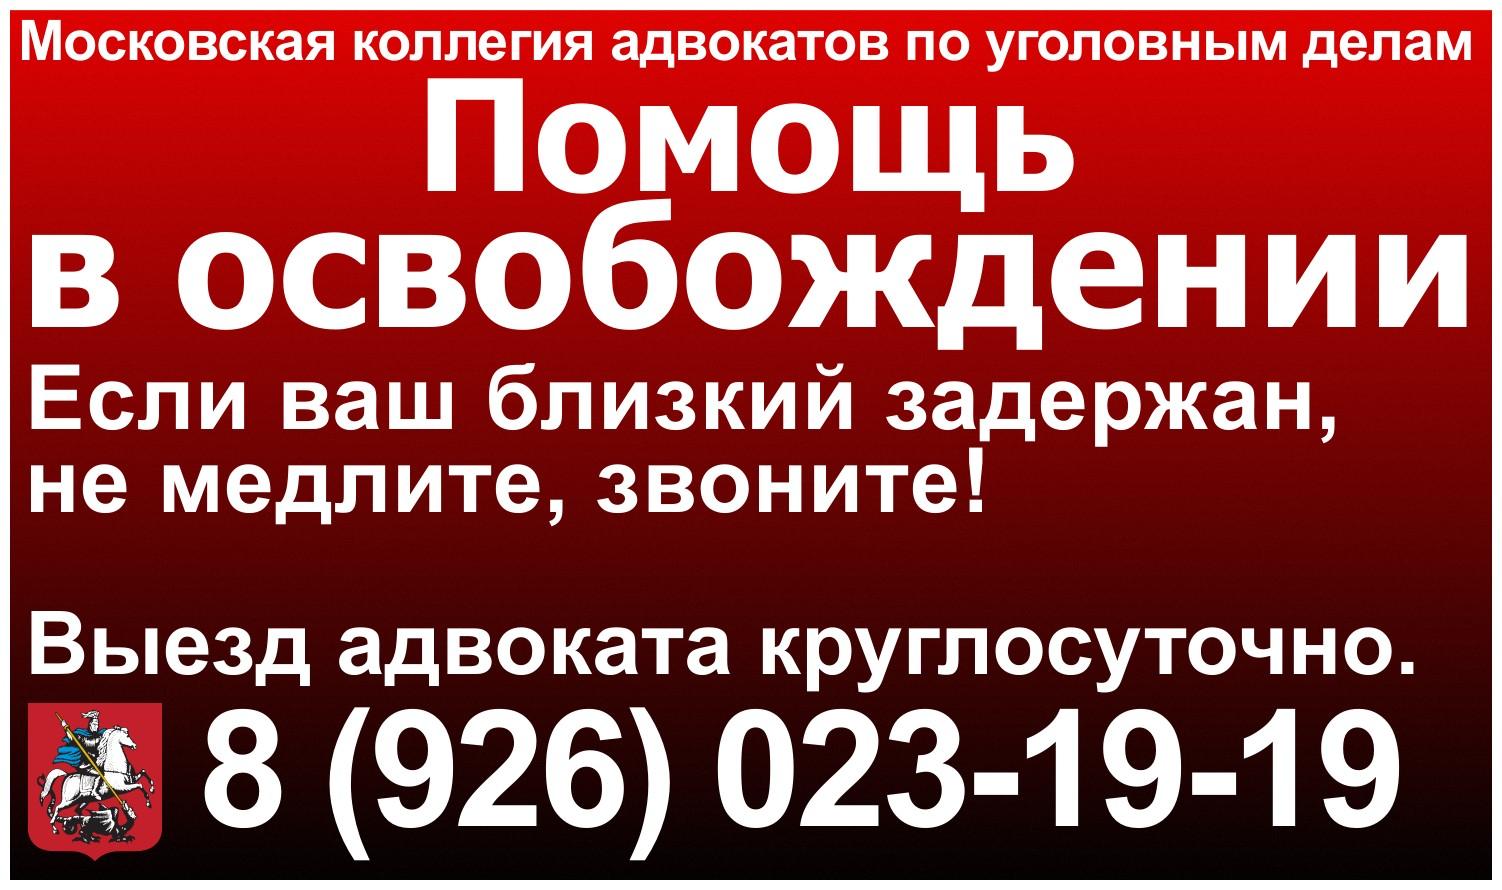 advokat-po-ugolovnym_delam_moskva_advokat_ugolovnyy